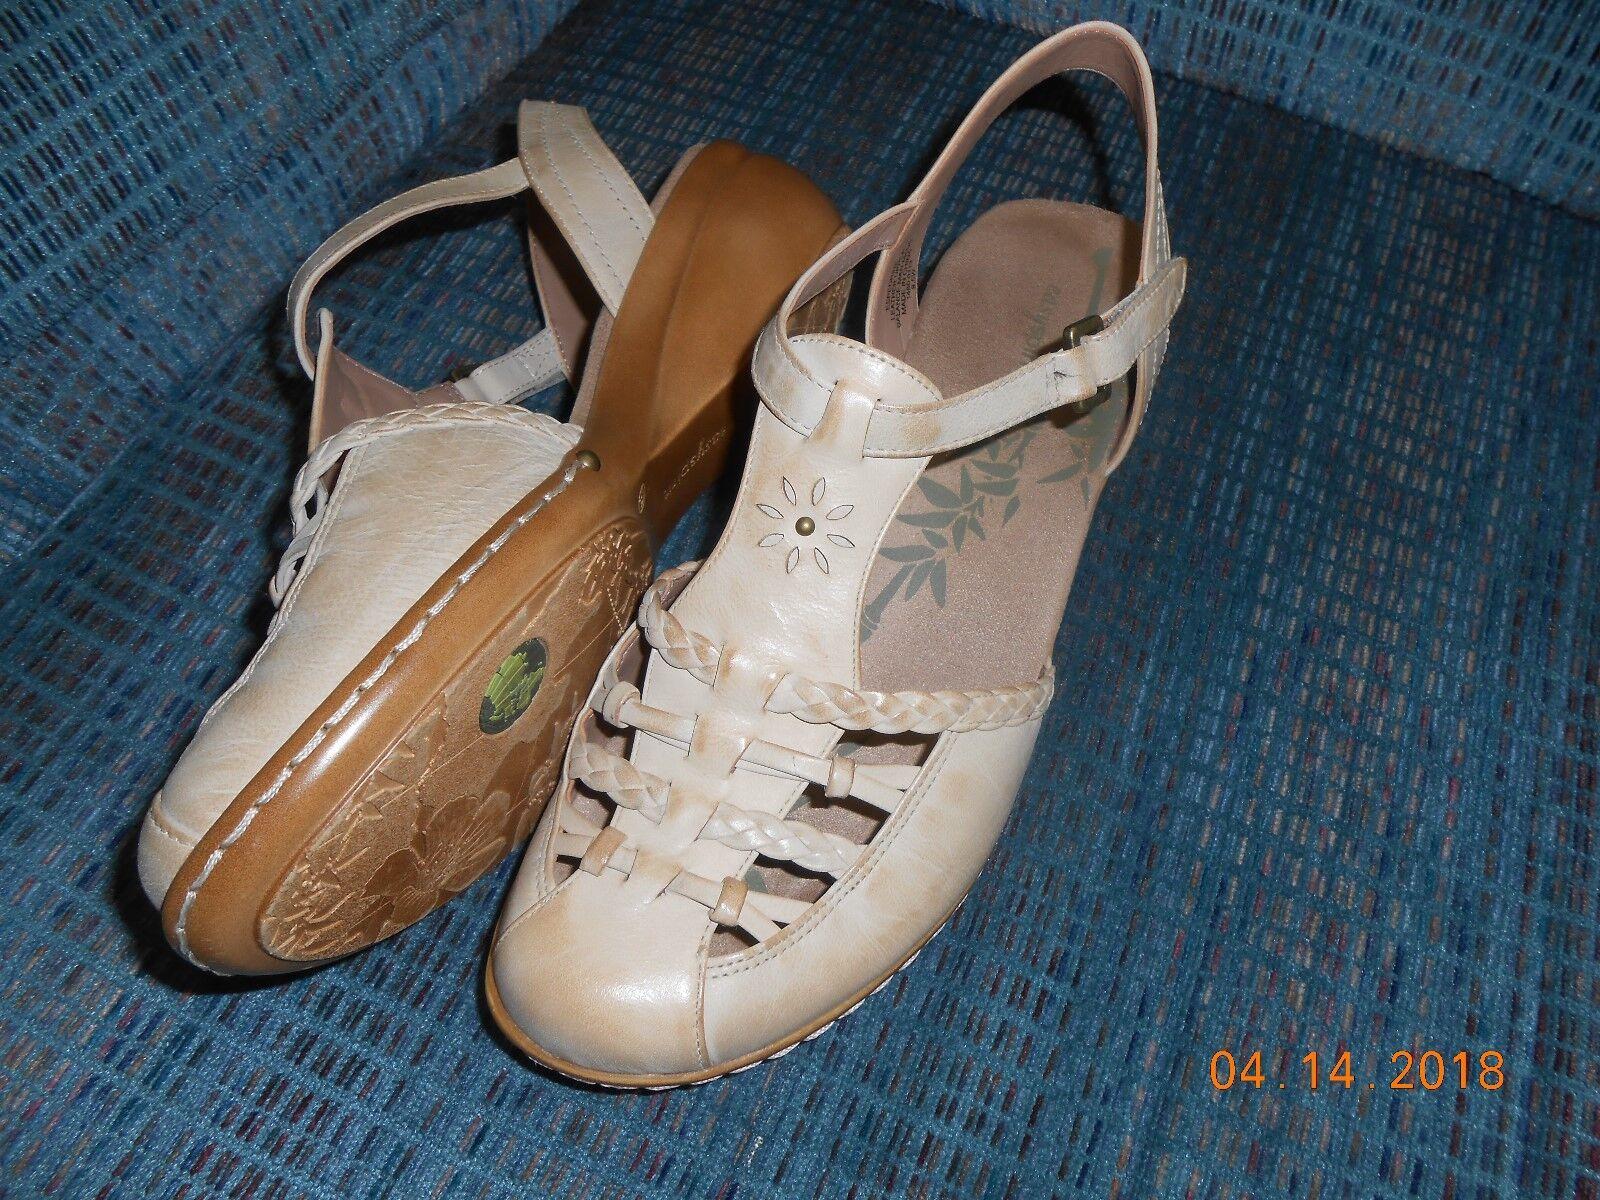 Easy Spirit espedrine espedrine espedrine tan zapatos talla 8.5 de Ancho Excelente Estado  promocionales de incentivo